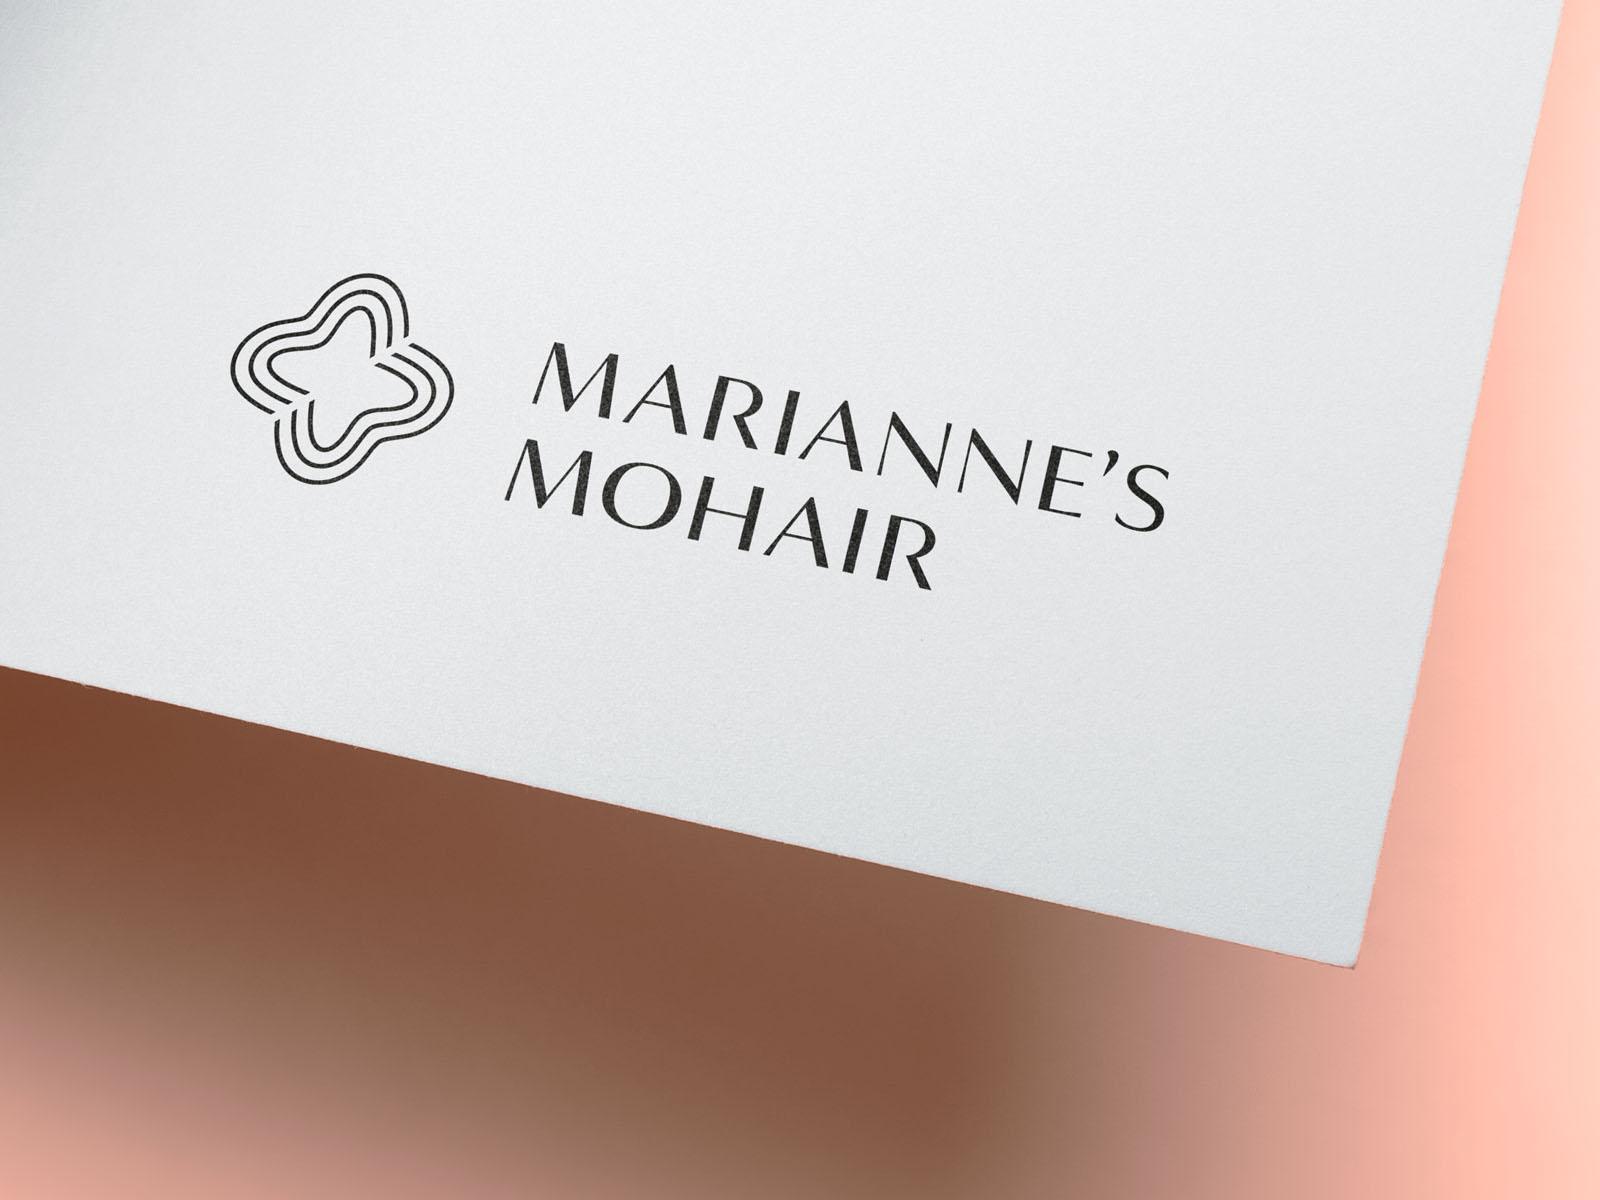 Marianne's Mohair